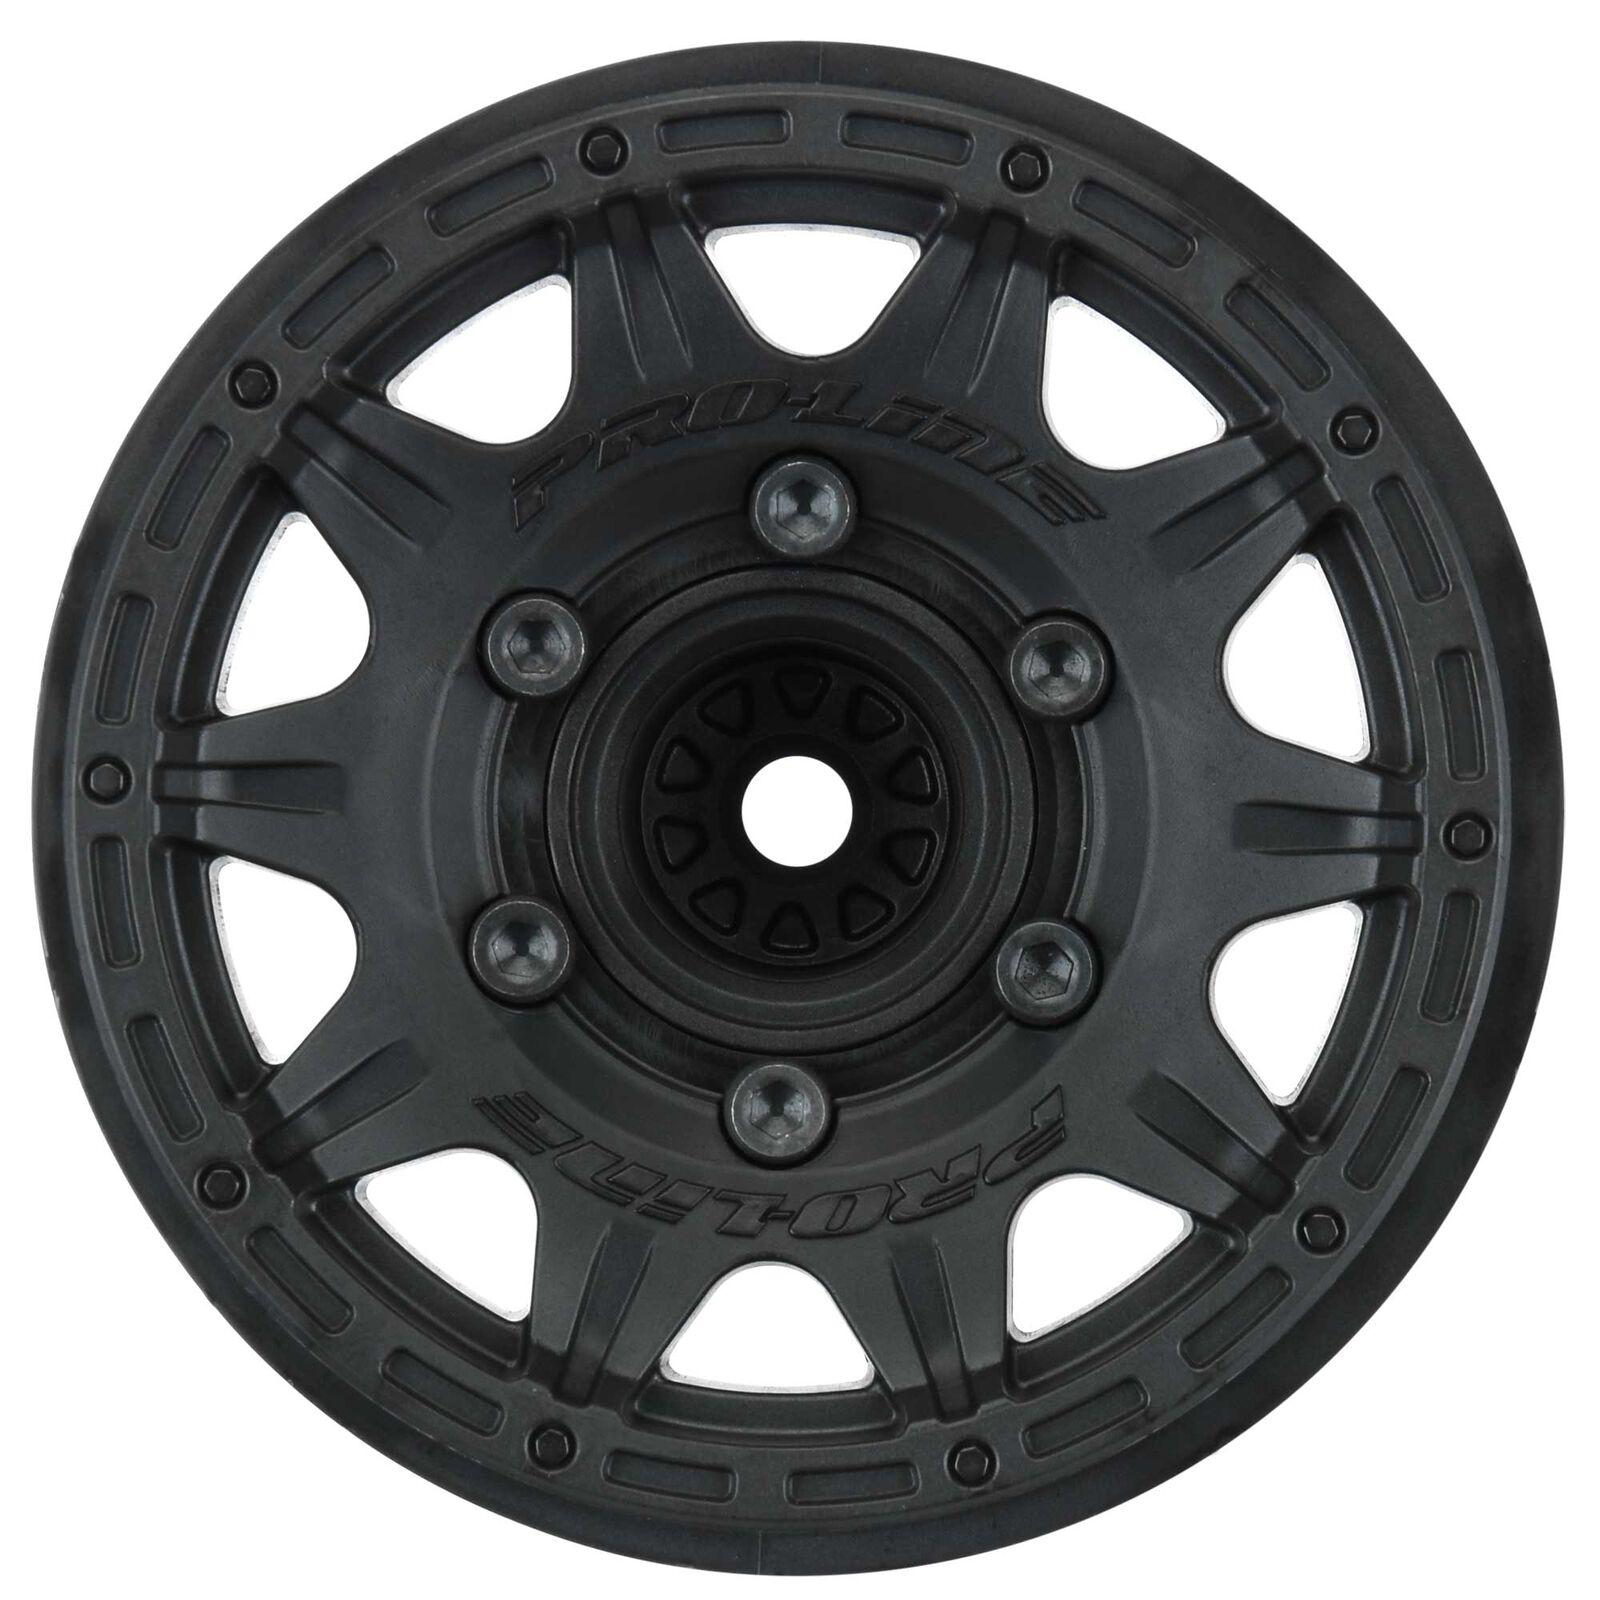 """1/10 Raid F/R 2.8"""" Removable Hex Wheels MT 12mm (2) Black"""